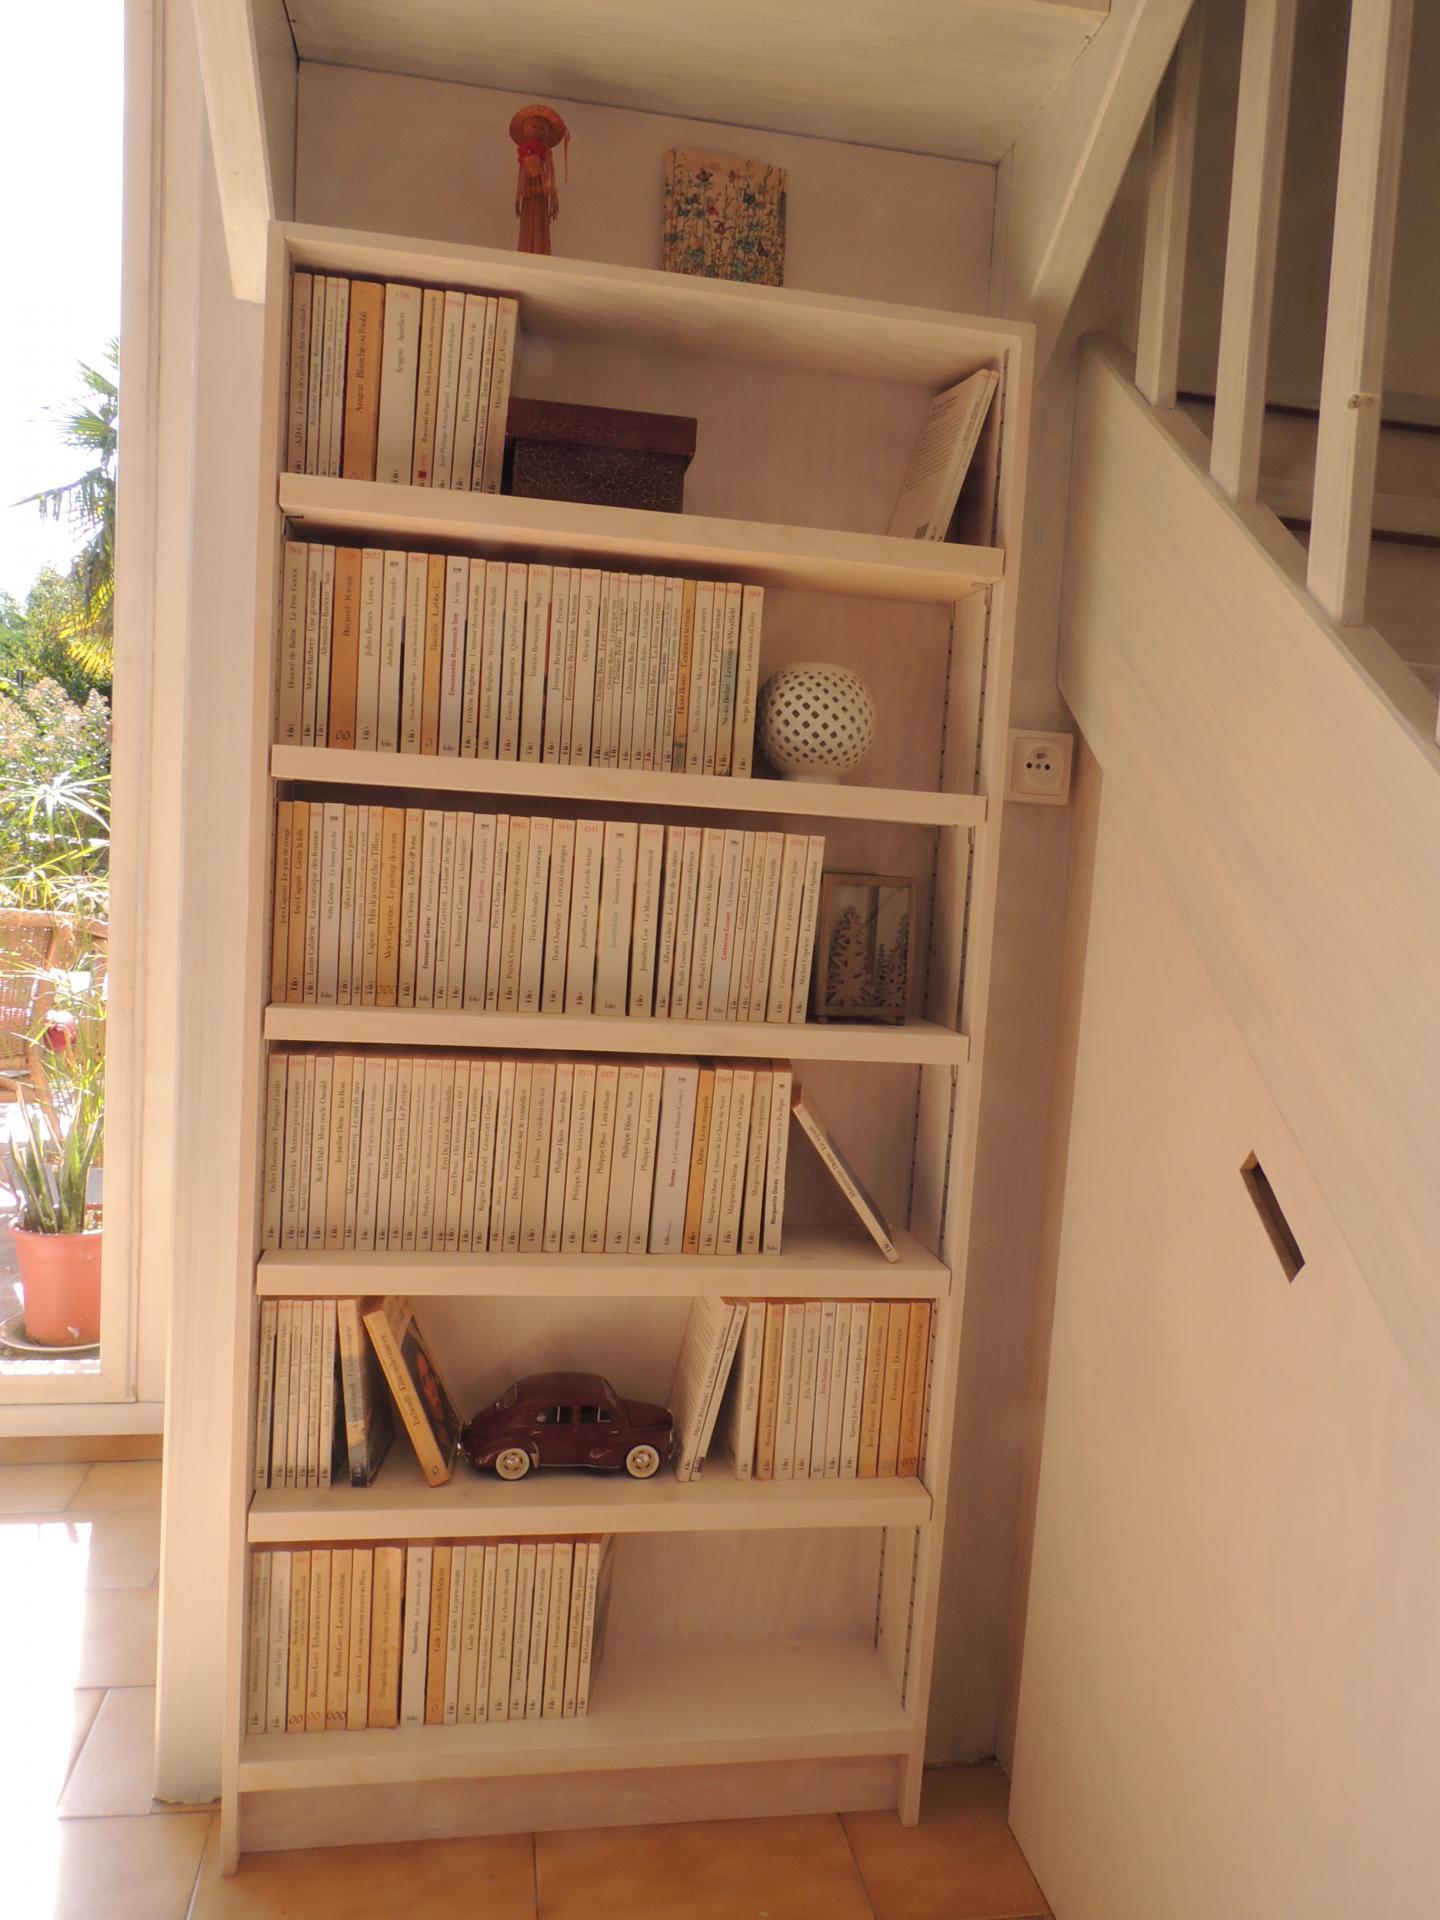 Bibliothèque sous escalier - www.ateliercannelle.com - Atelier Cannelle